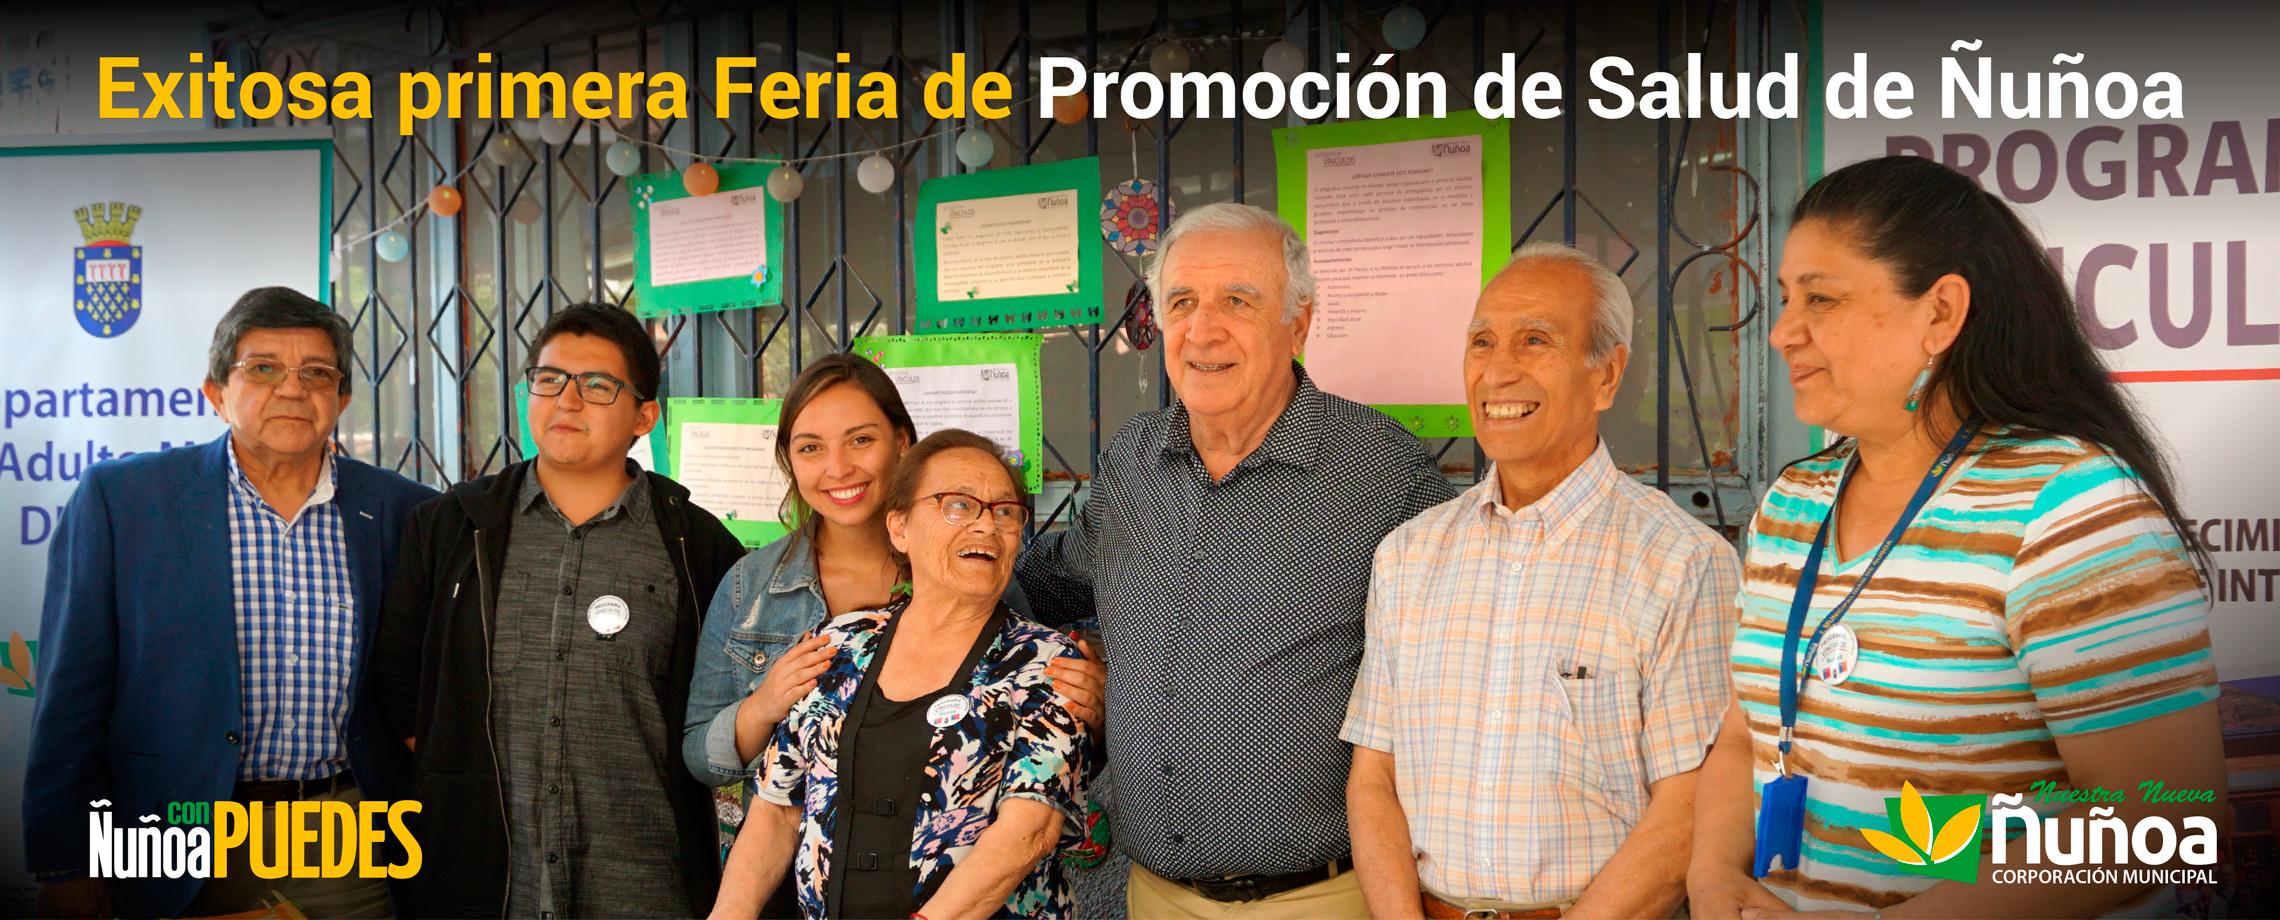 Feria de promoción de salud